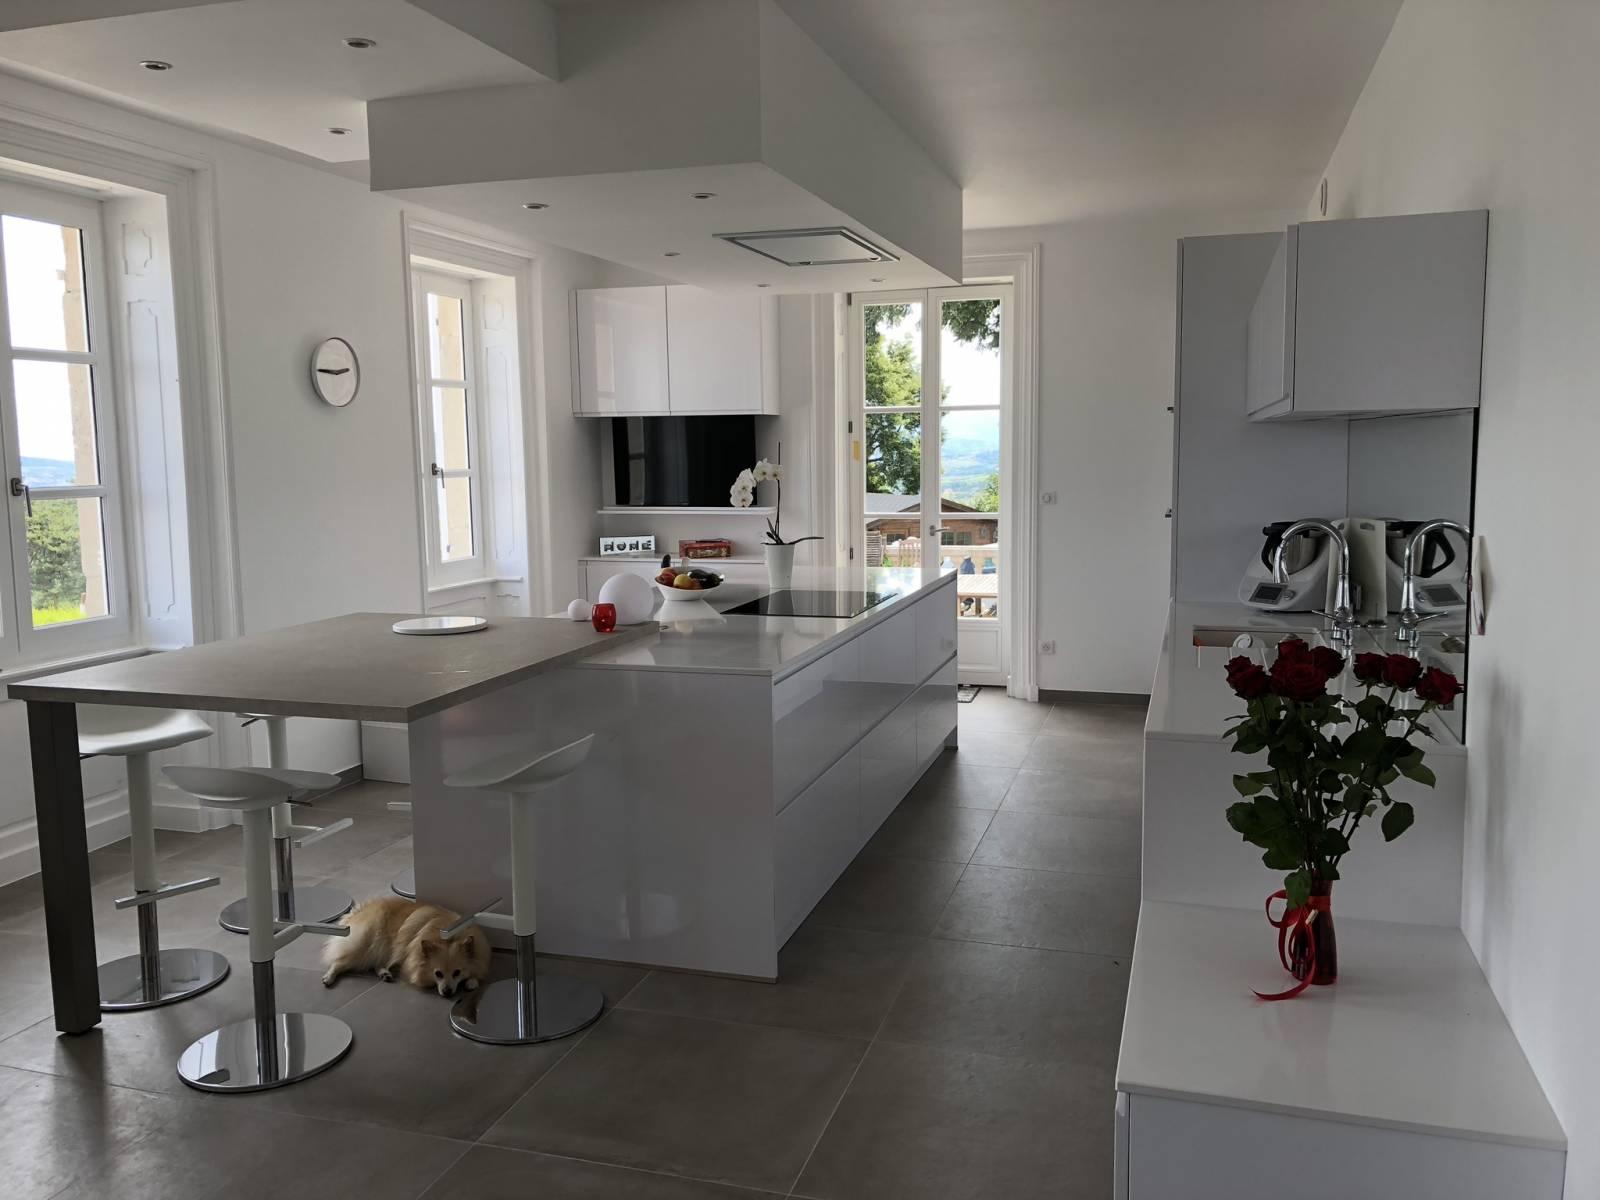 Cuisine blanche laqu e ecully cuisiniste haut de gamme lyon am nagement cuisine - Cuisine blanche laquee ...